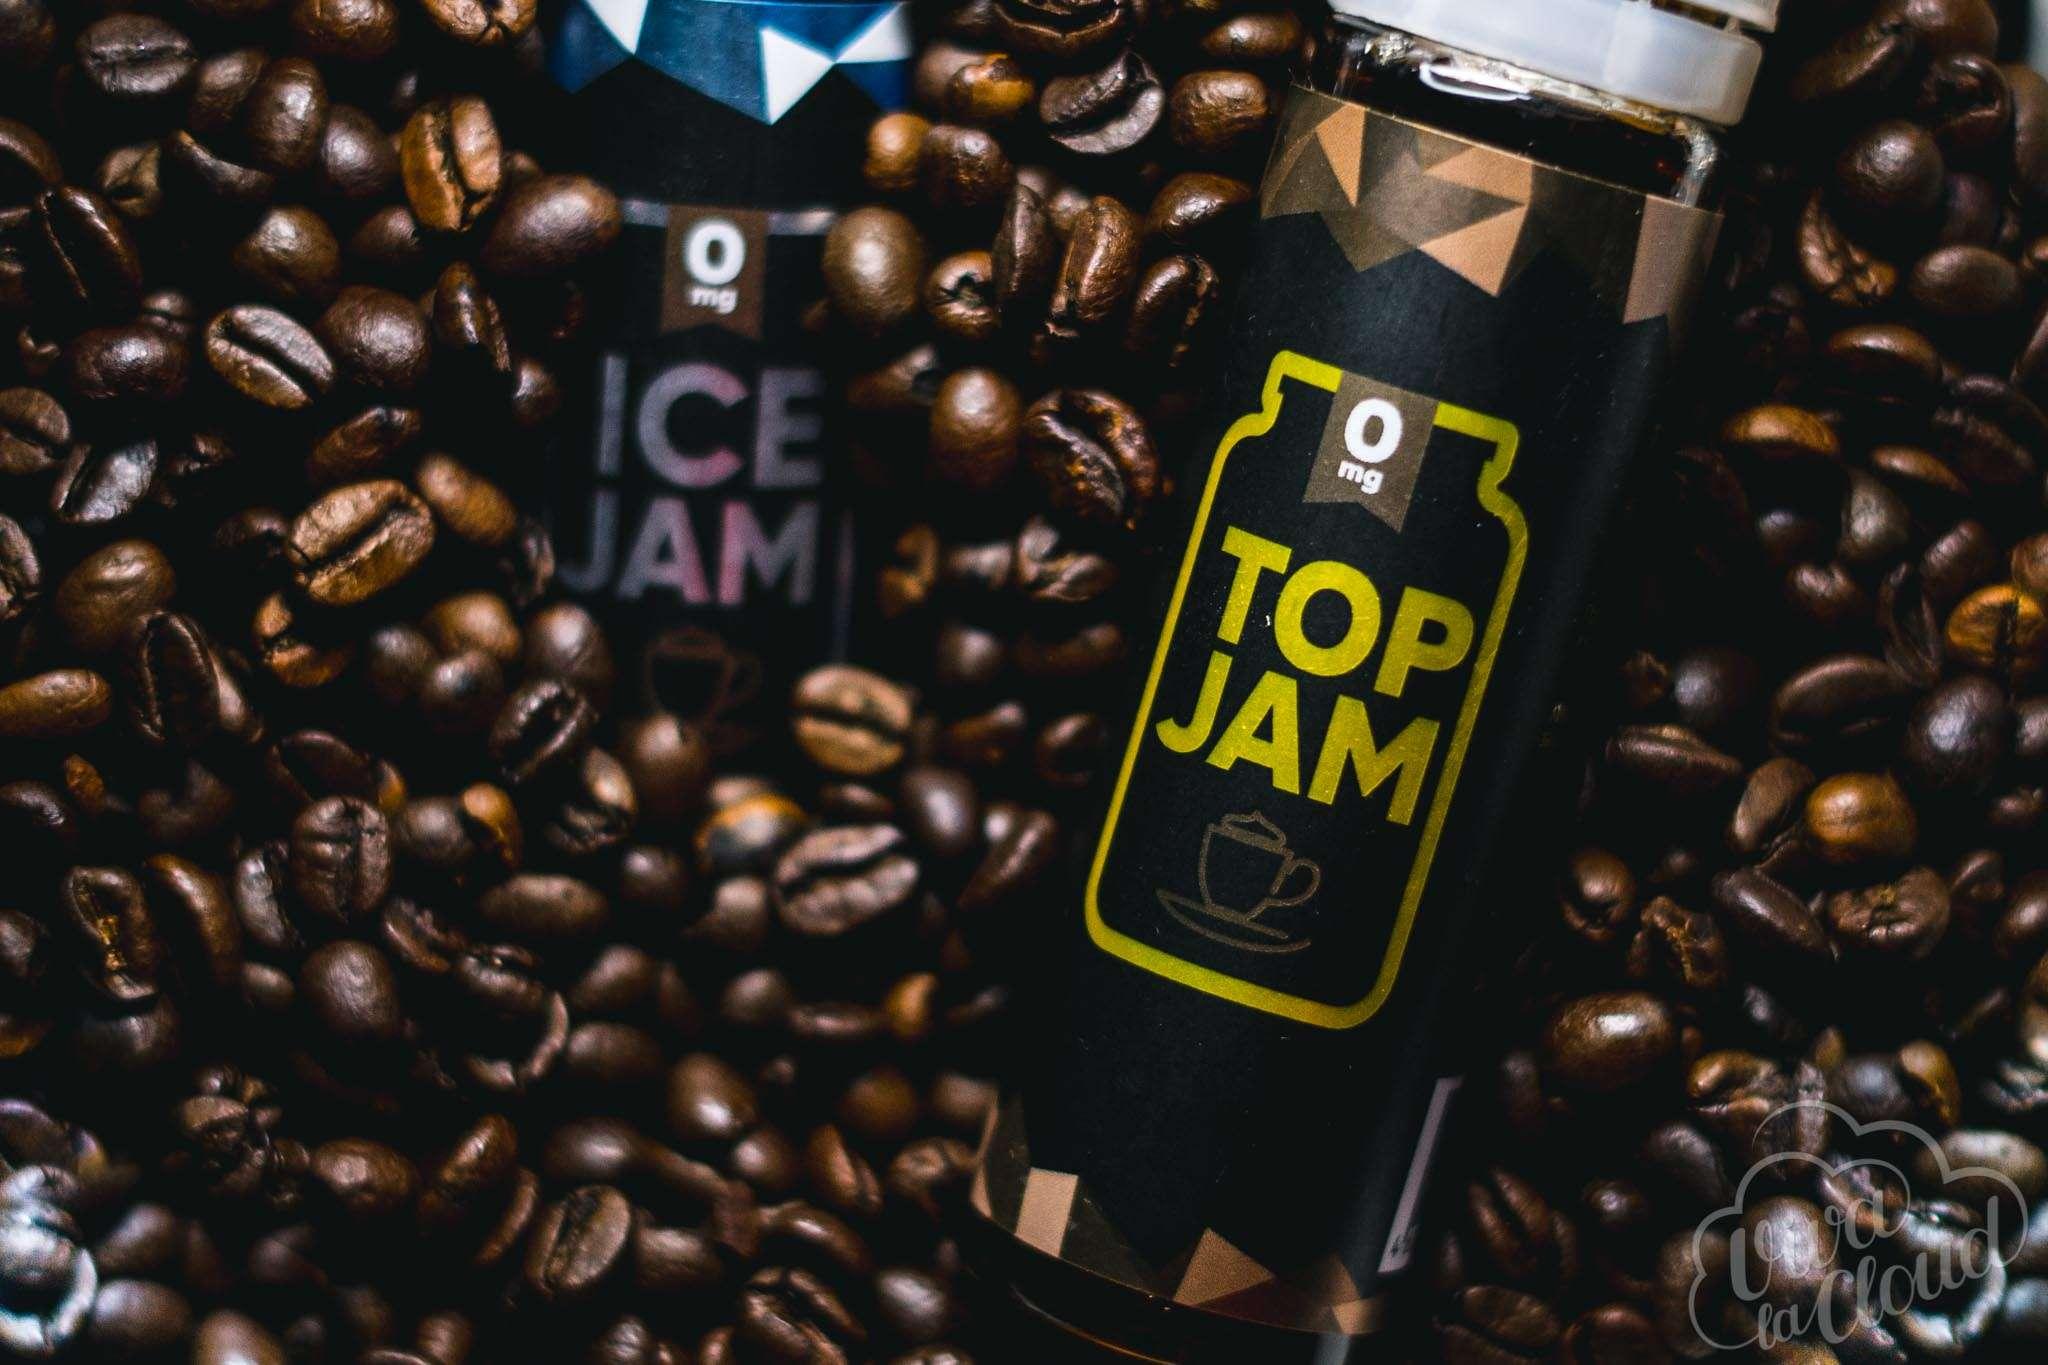 TOP_JAM_ICE_JAM